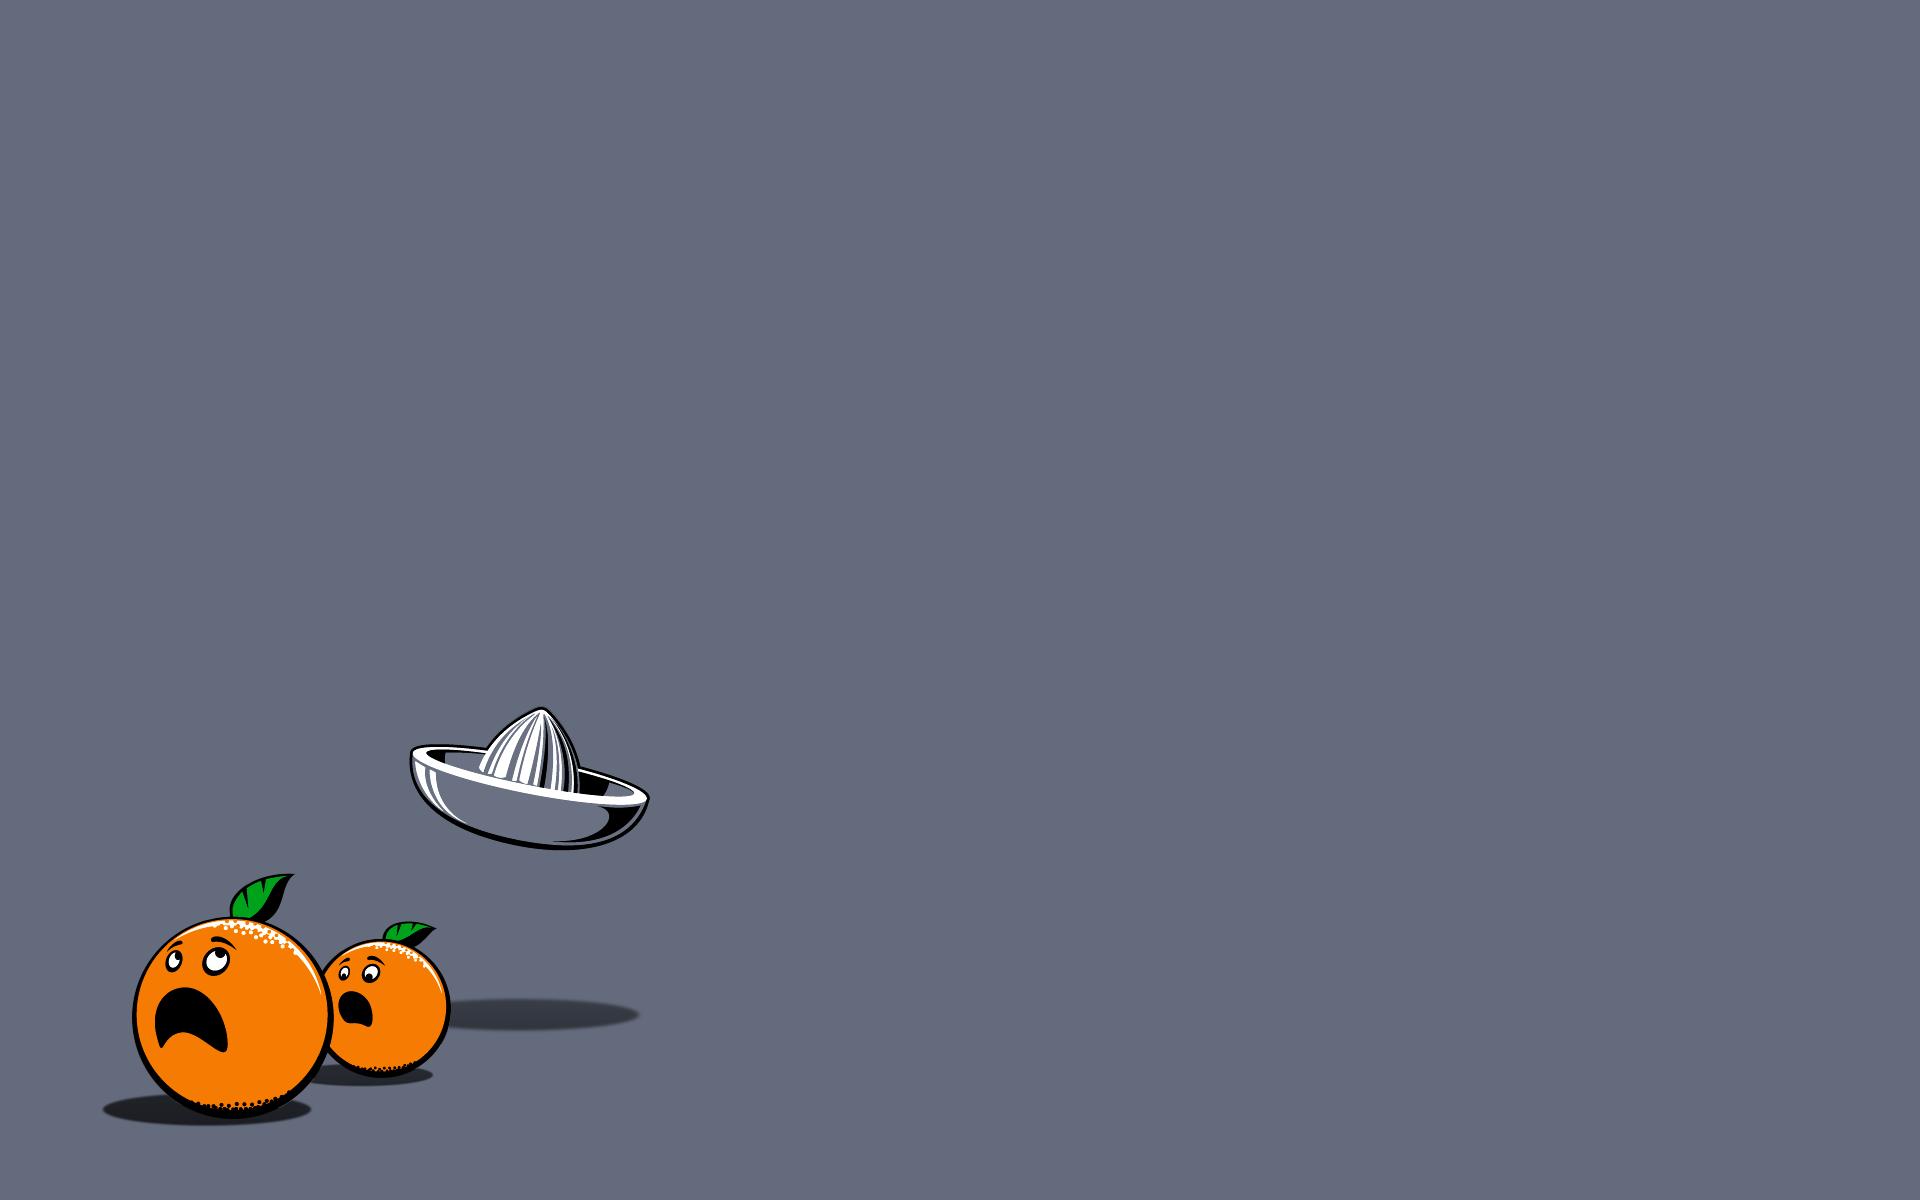 funny minimalistic oranges grey background background ...